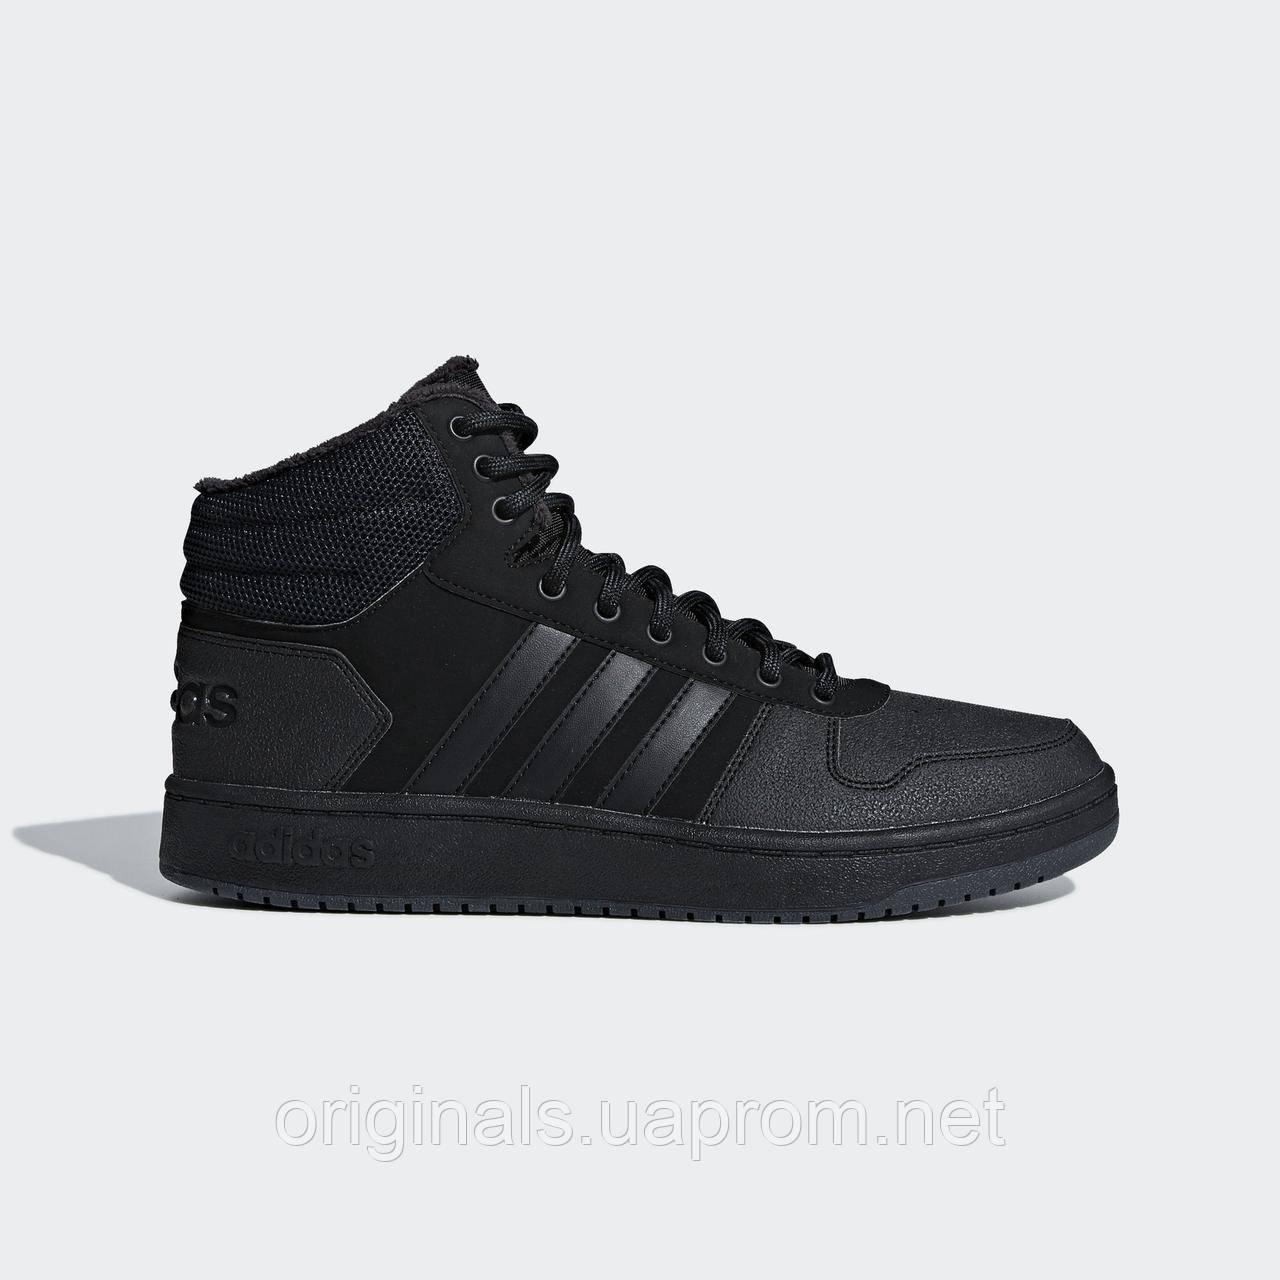 Зимние кроссовки Adidas Hoops 2.0 Mid B44621